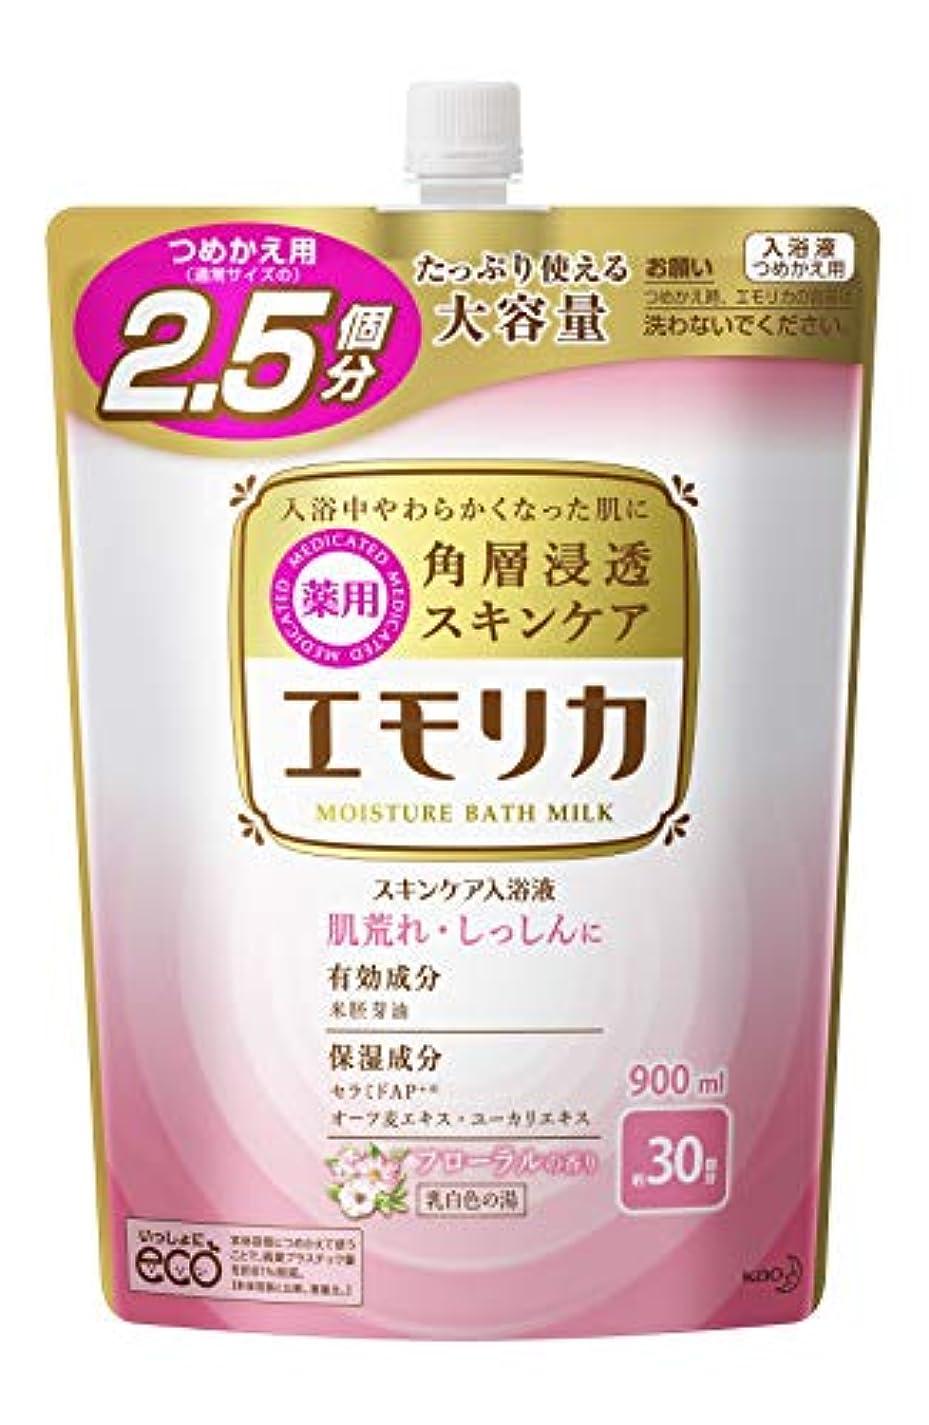 外交レインコート束ねる【大容量】 エモリカ 薬用スキンケア入浴液 フローラルの香り つめかえ用900ml 液体 入浴剤 (赤ちゃんにも使えます)